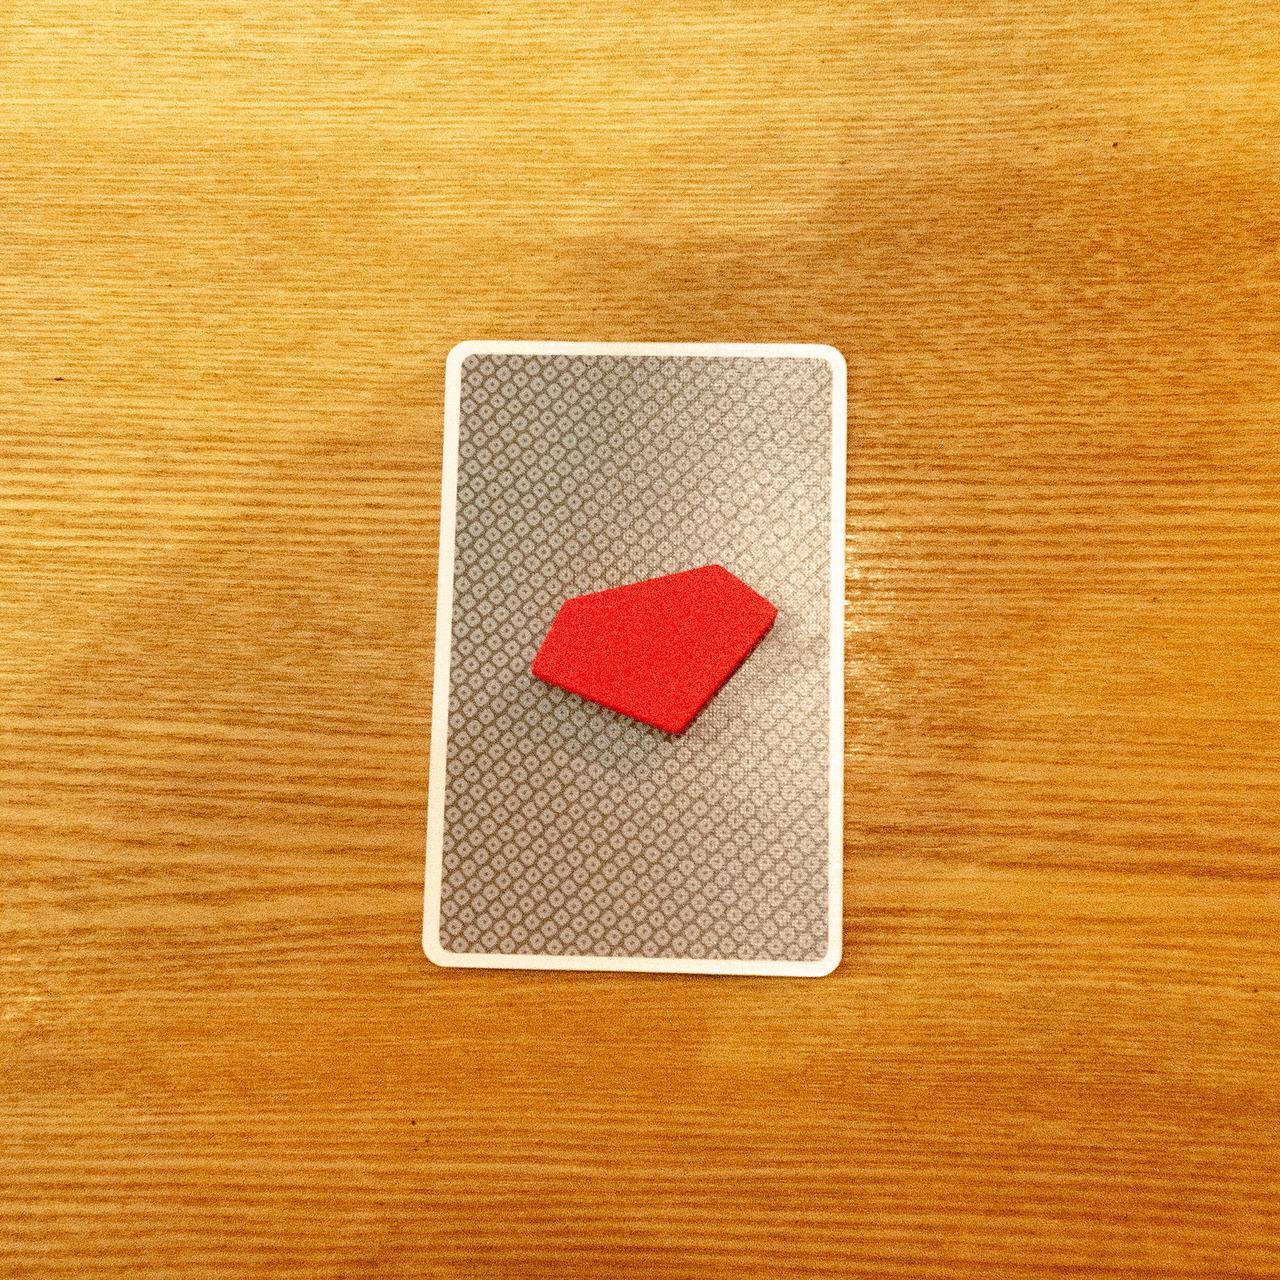 トリックと怪人|容疑者カード